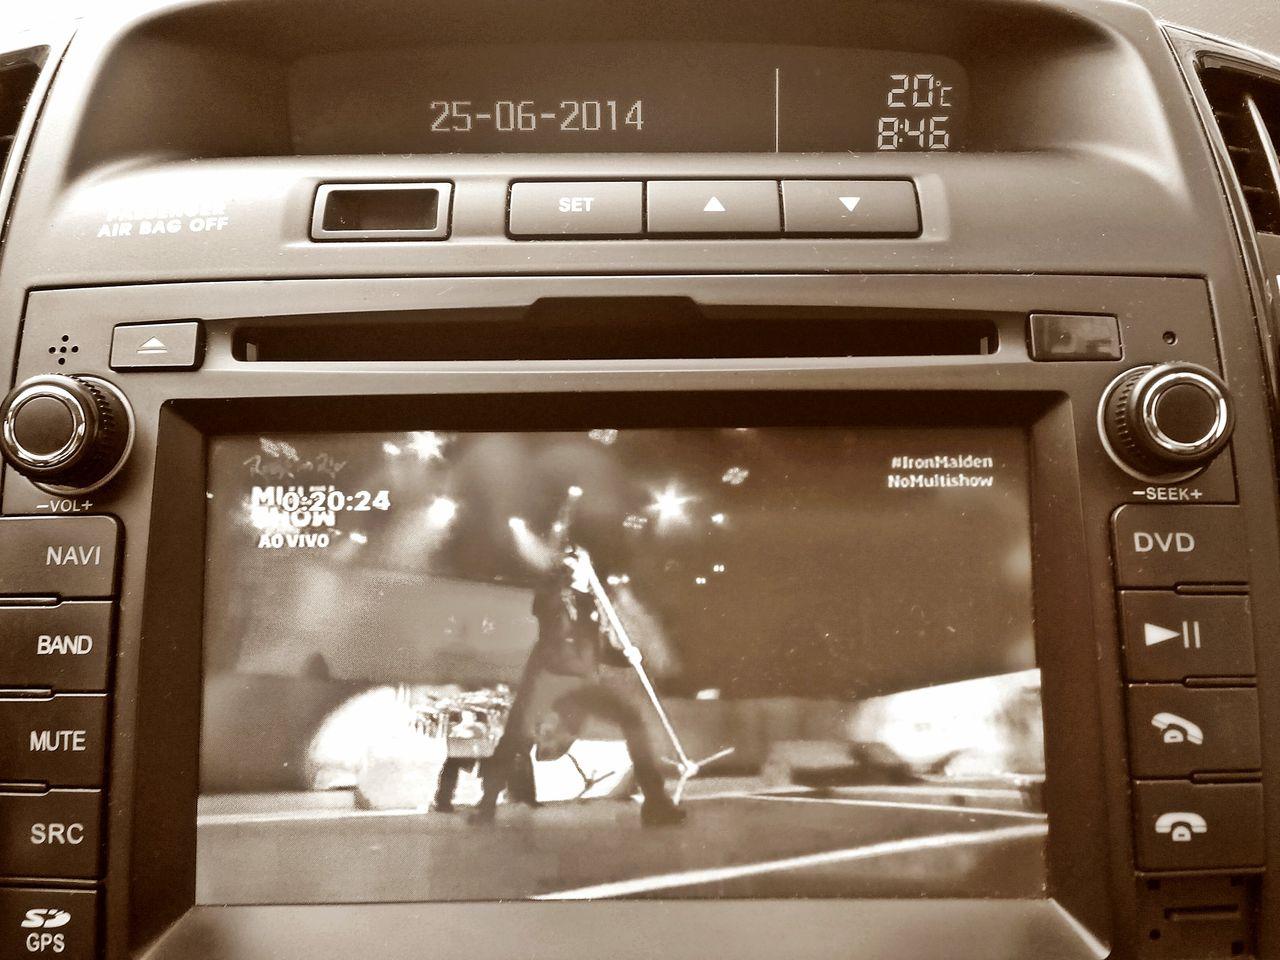 Kia Carens 1.7 TX CRDI 136cv e Kia Cee'd 1.6 CRDI 5p. - DO RUIZINHO  - Página 3 IMG_20140625_084556